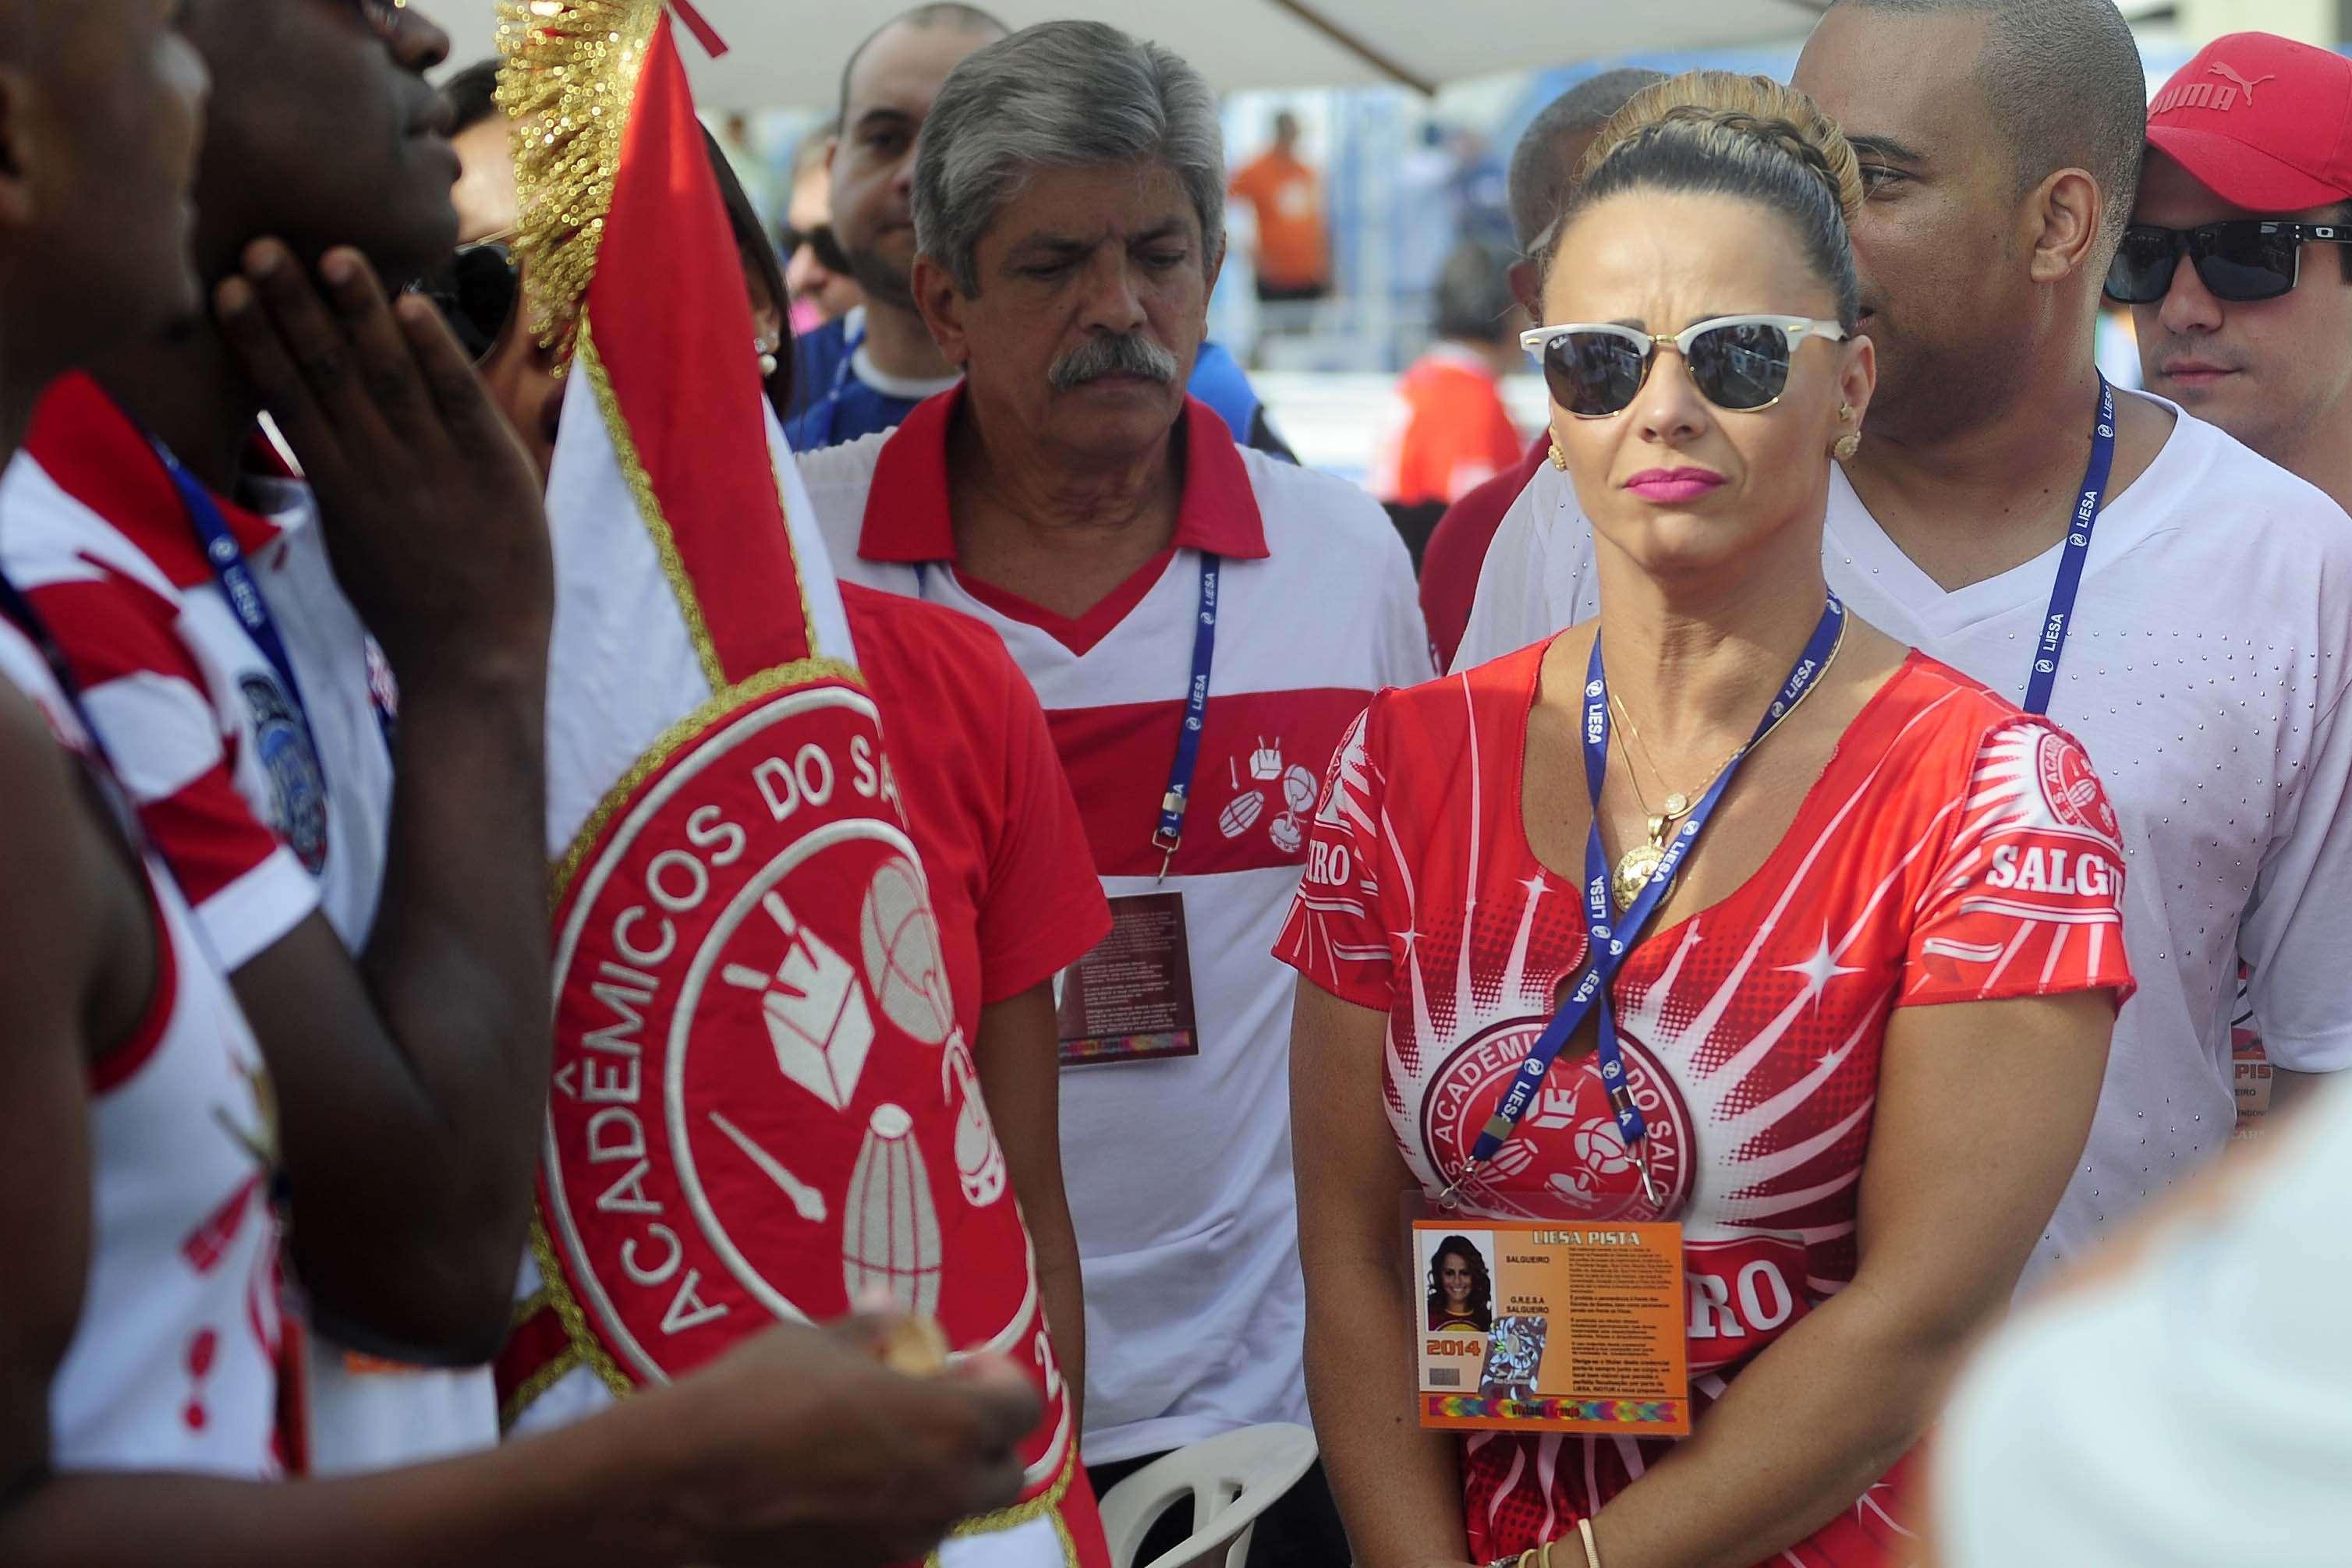 Rainha de bateria do Salgueiro, Viviane Araújo acompanha apuração no Rio Foto: Dhavid Normando/Futura Press